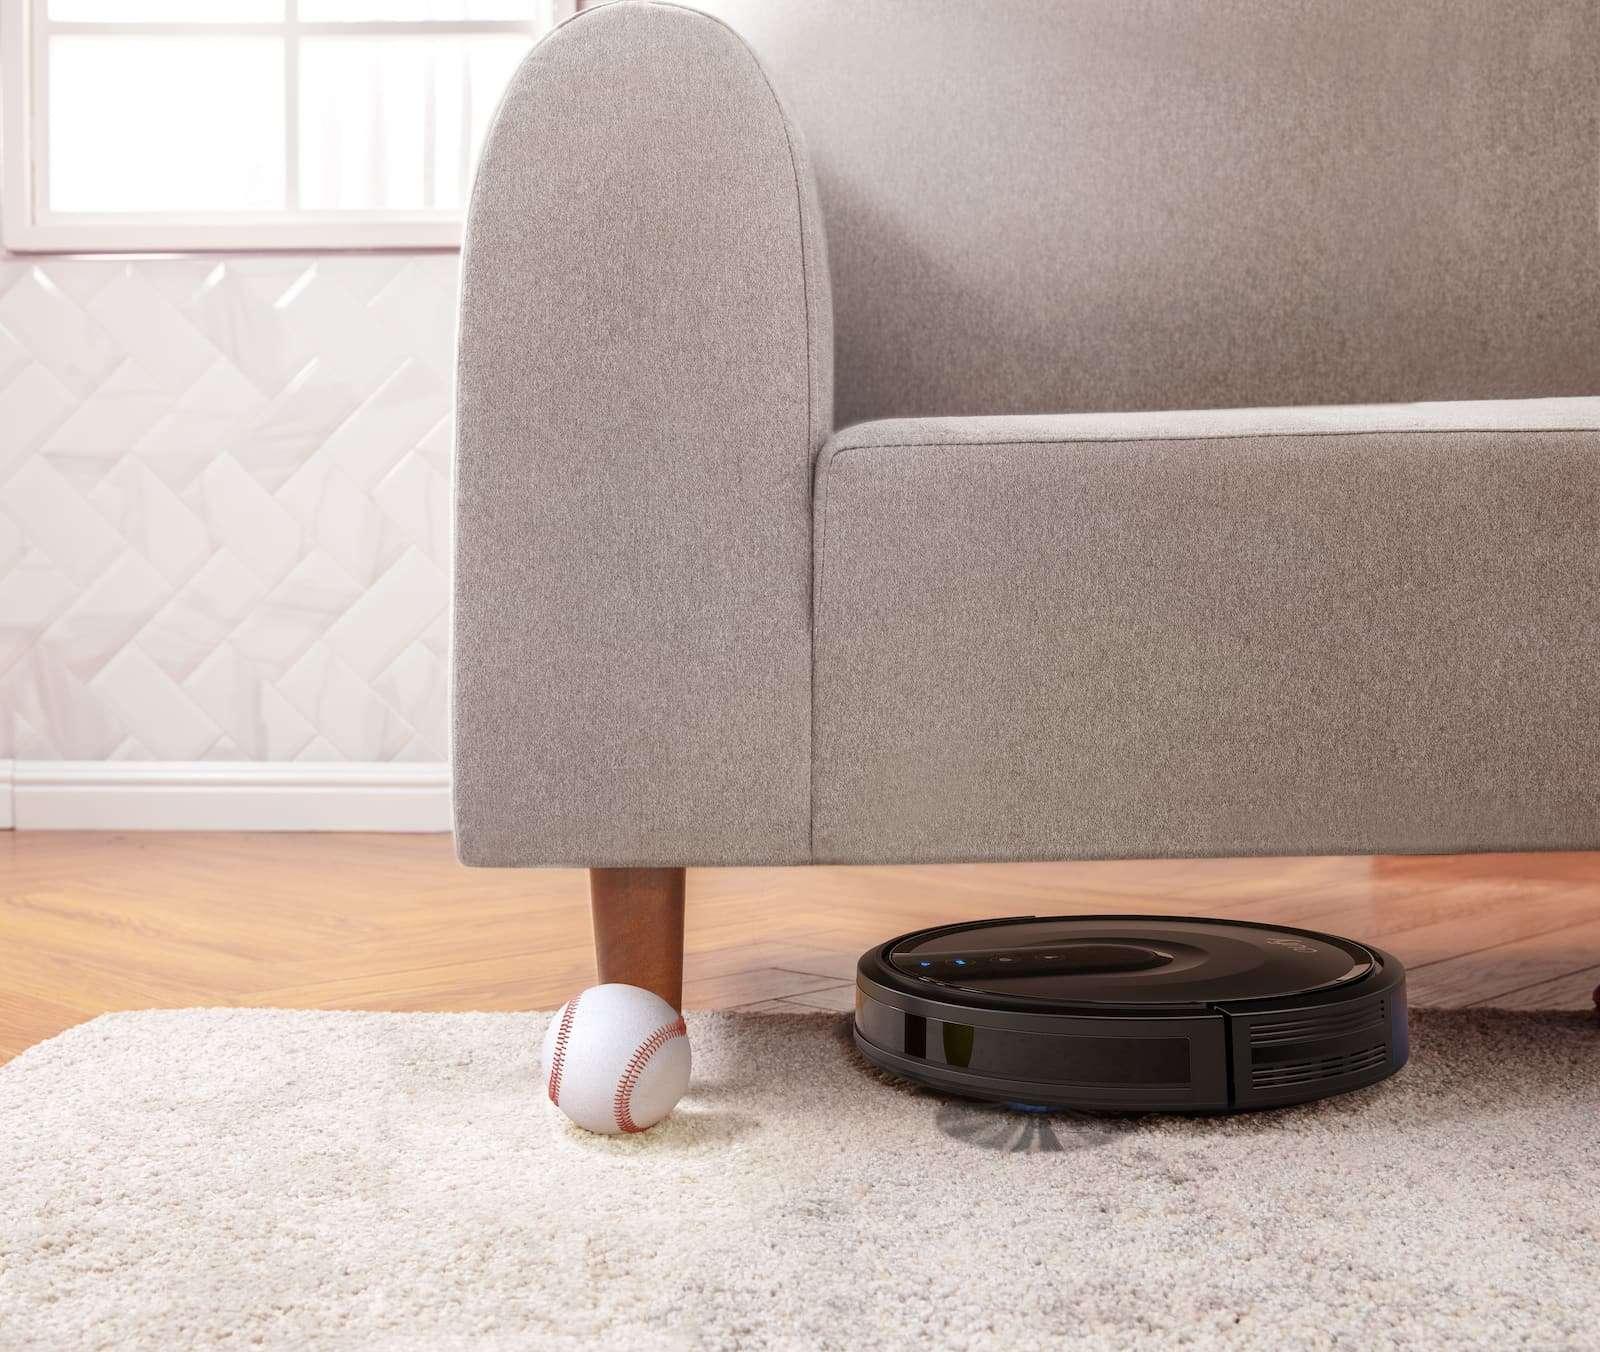 4 consejos para limpiar el hogar de forma eficaz pasadas las fiestas navideñas 6